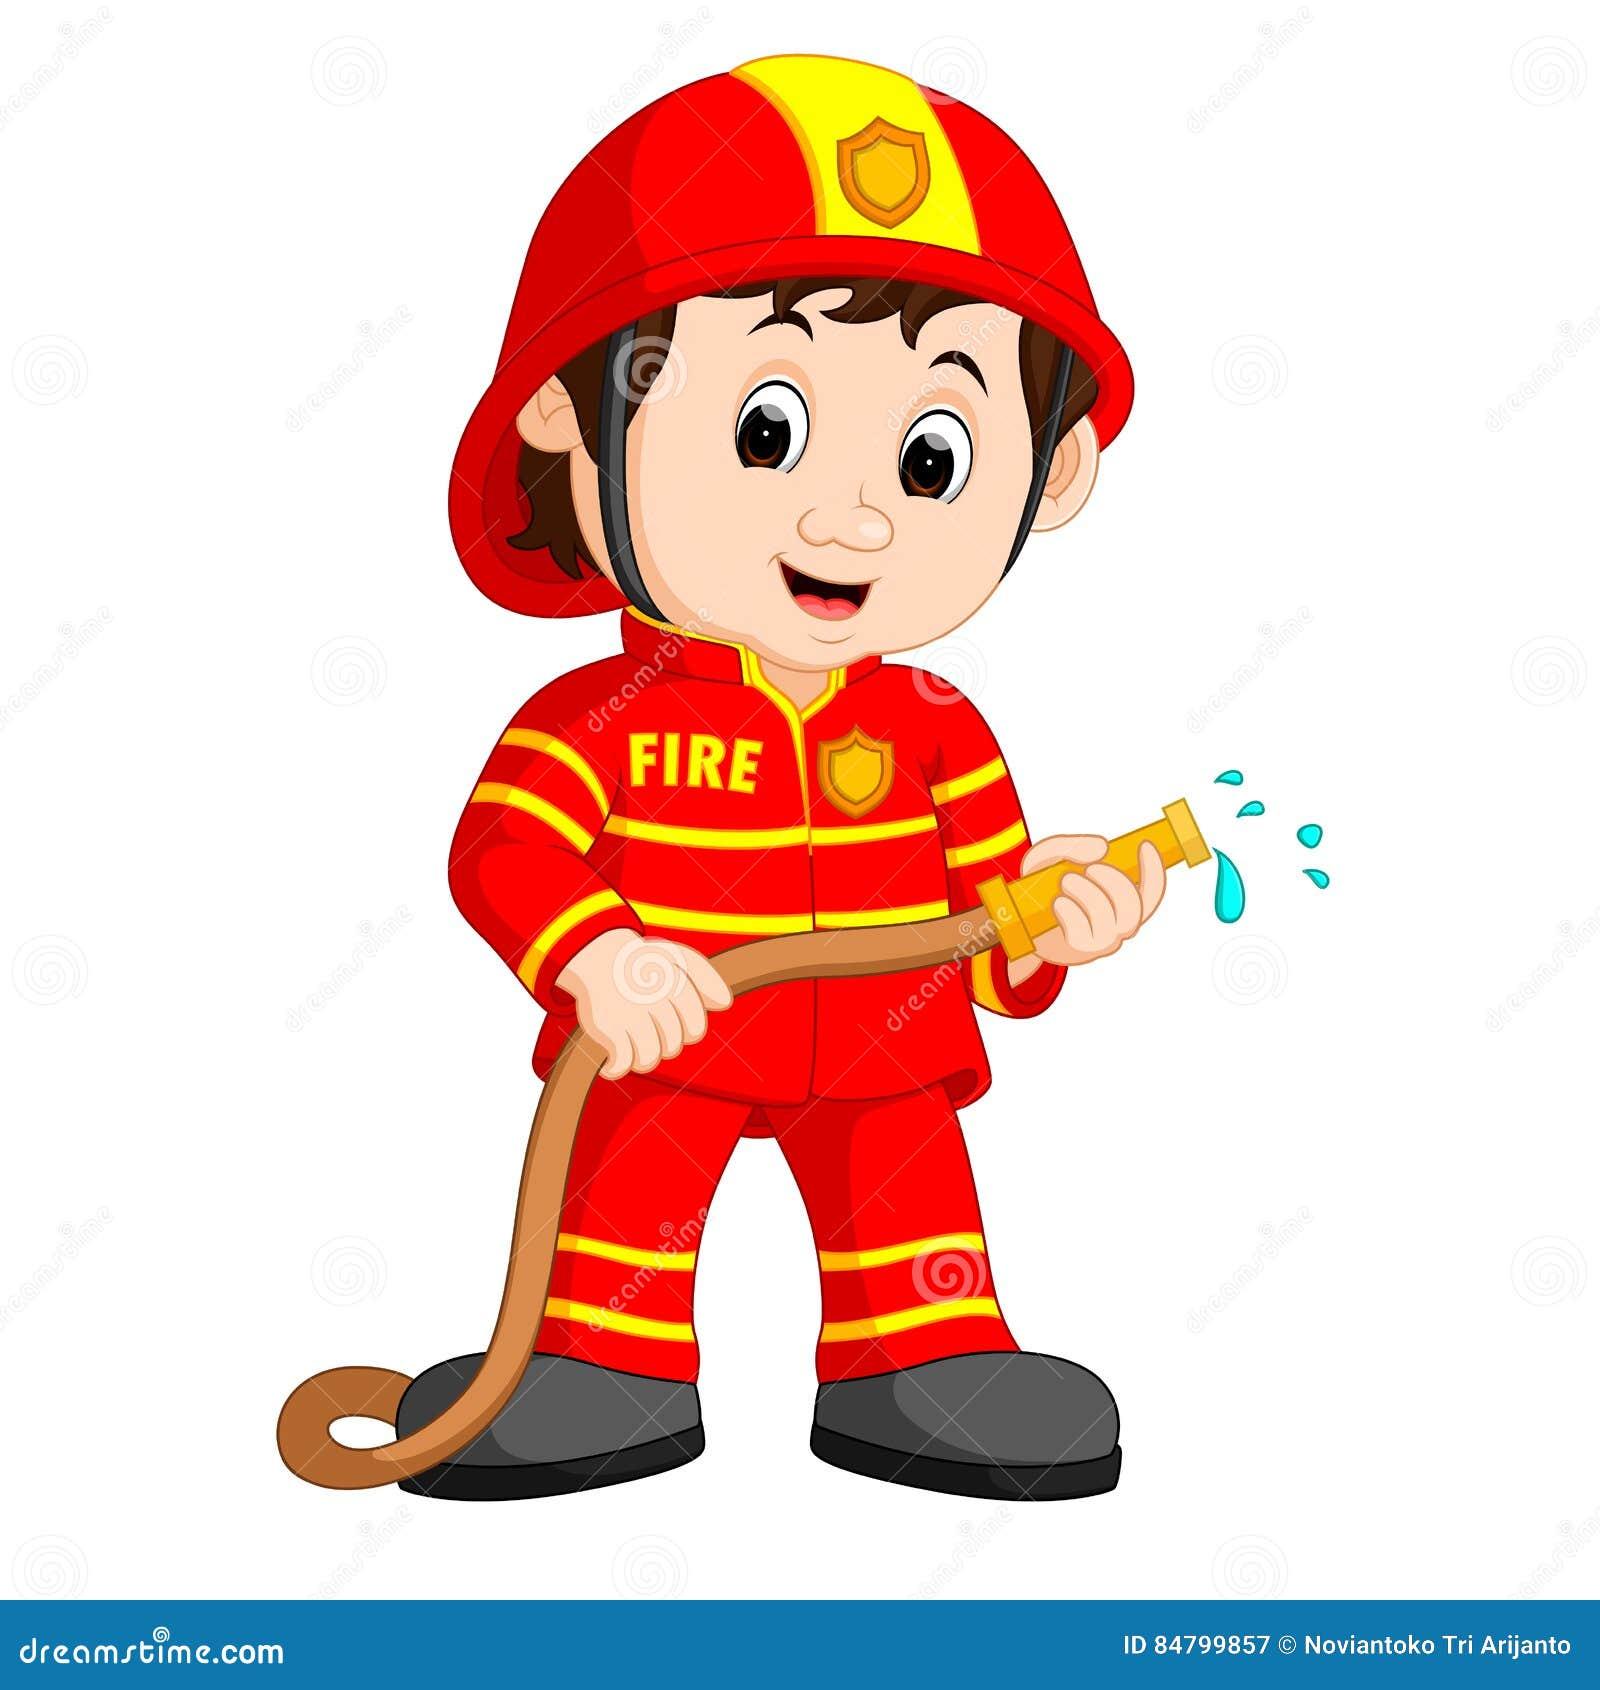 desenhos animados bonitos do bombeiro ilustra u00e7 u00e3o do vetor ilustra u00e7 u00e3o de engra u00e7ado  homem 84799857 fireman clip art firefighters fireman clip art images